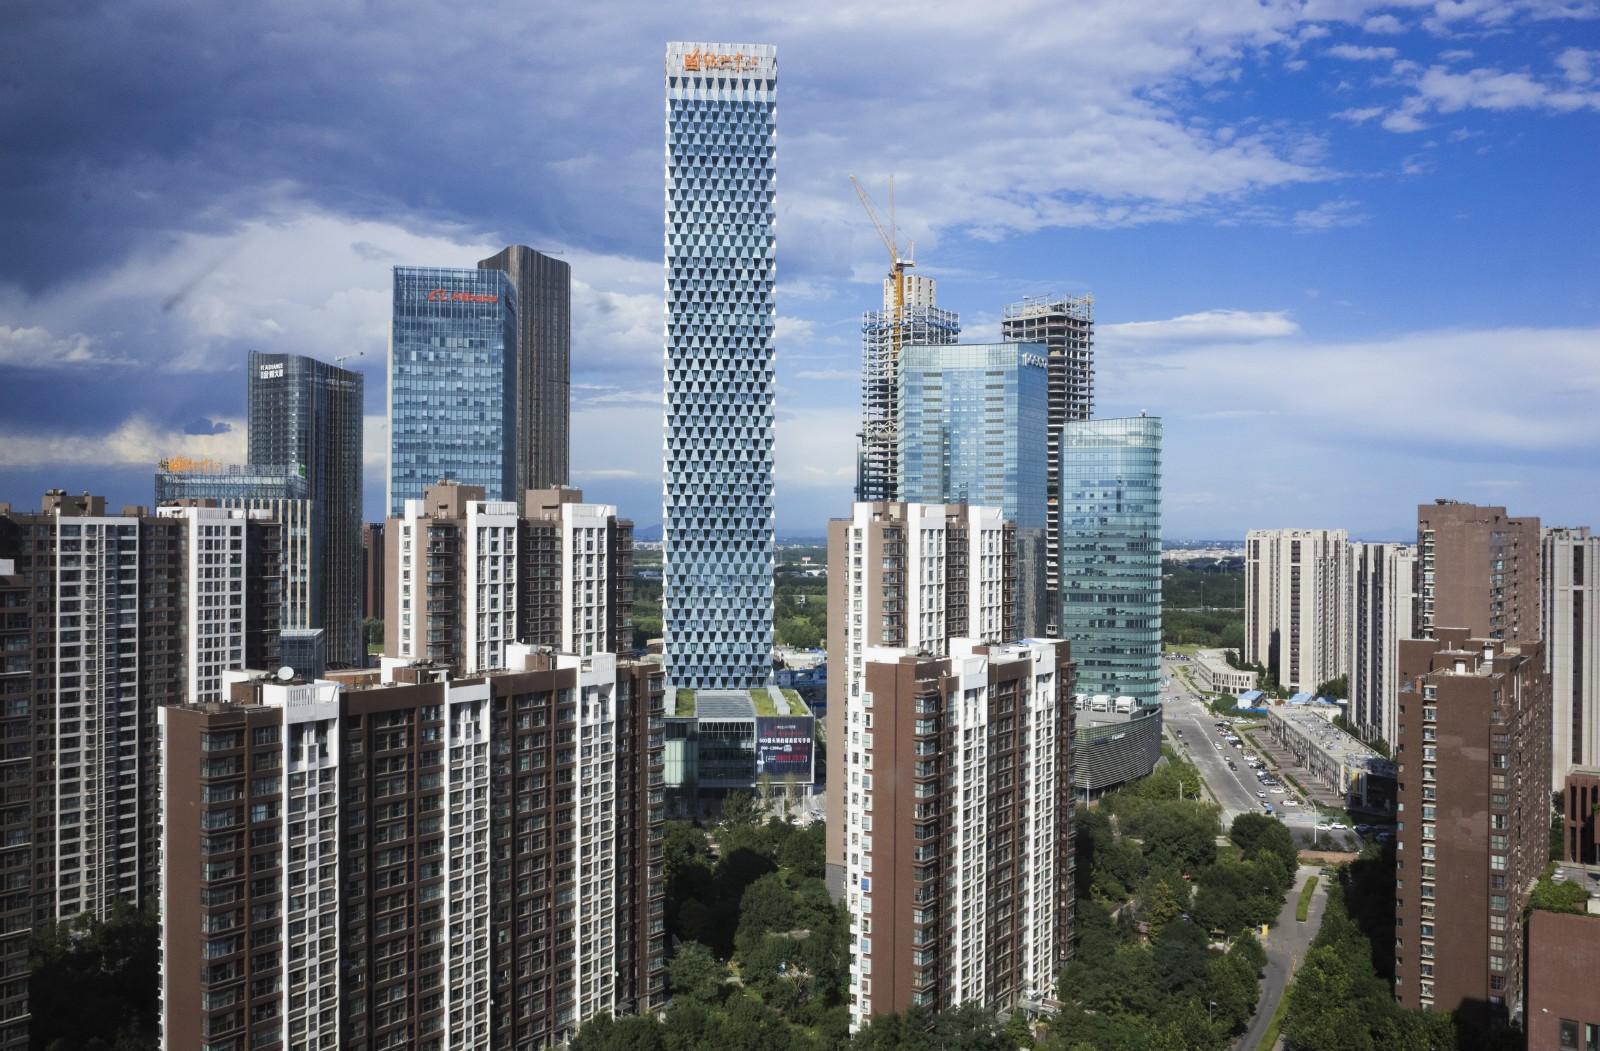 天津市代理记账公司提醒收益和费用预算的剖析和调节很必须